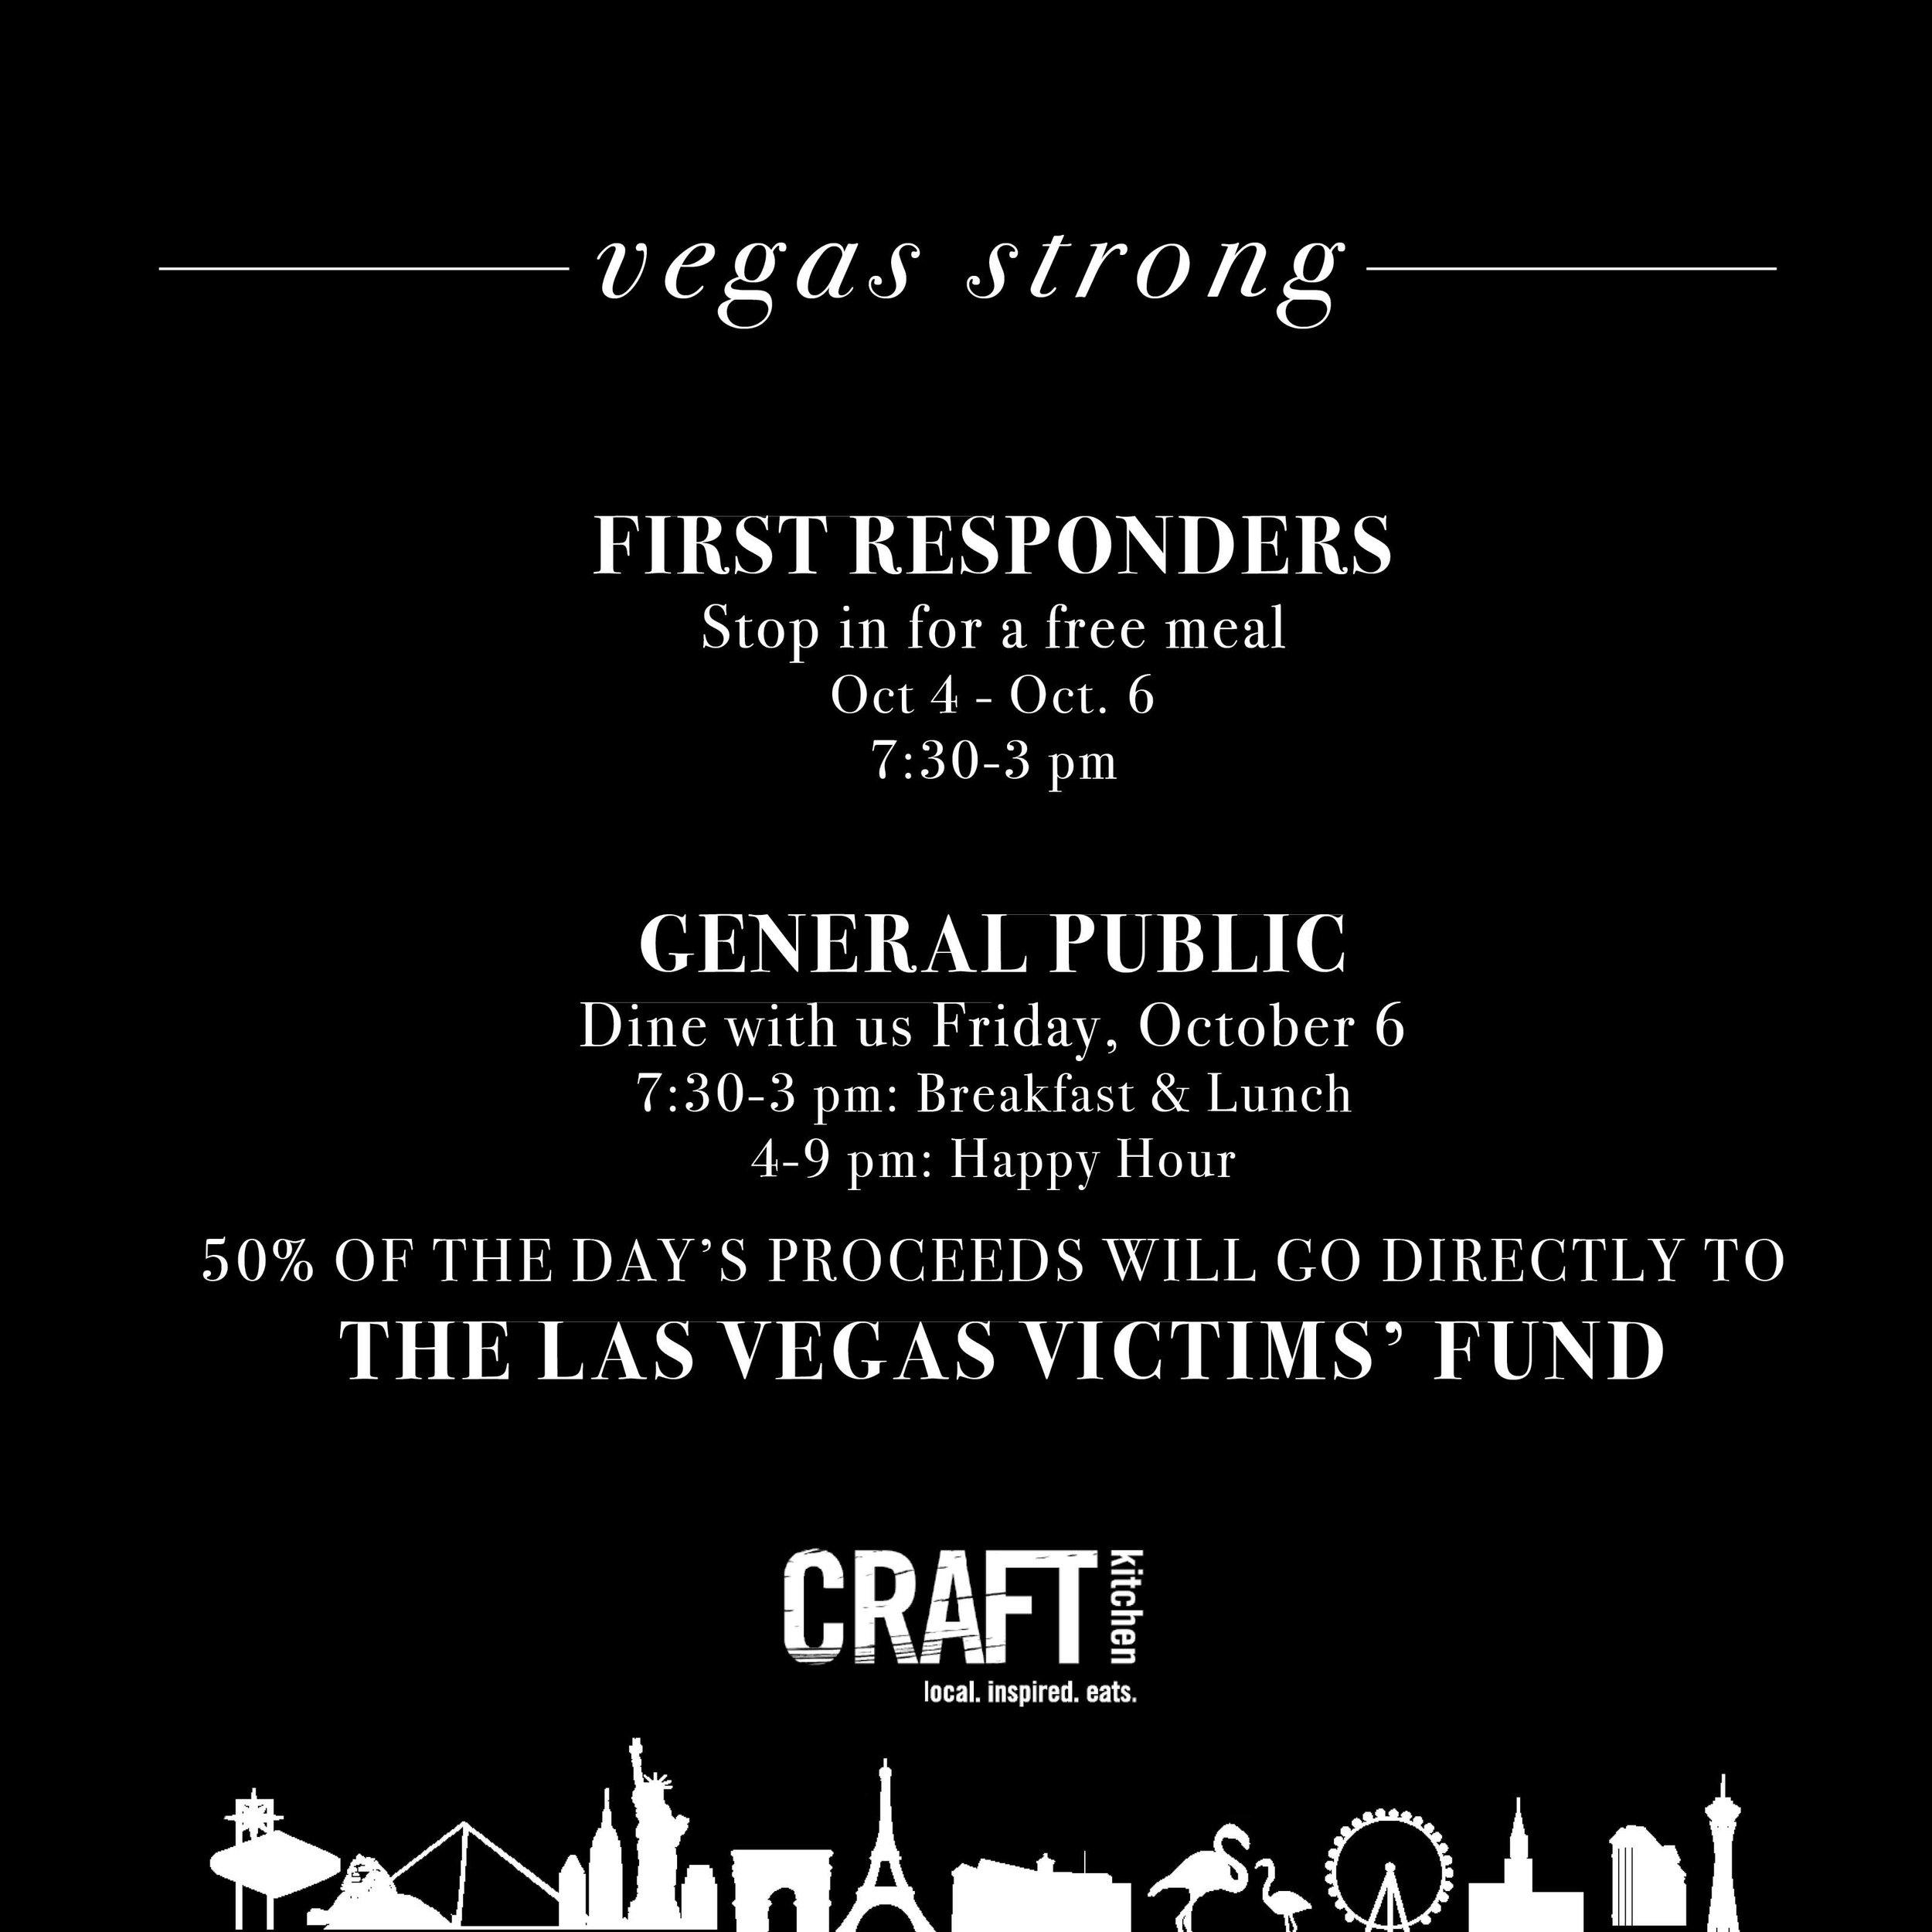 CRAFTkitchen Las Vegas Victims Fund_2.jpg